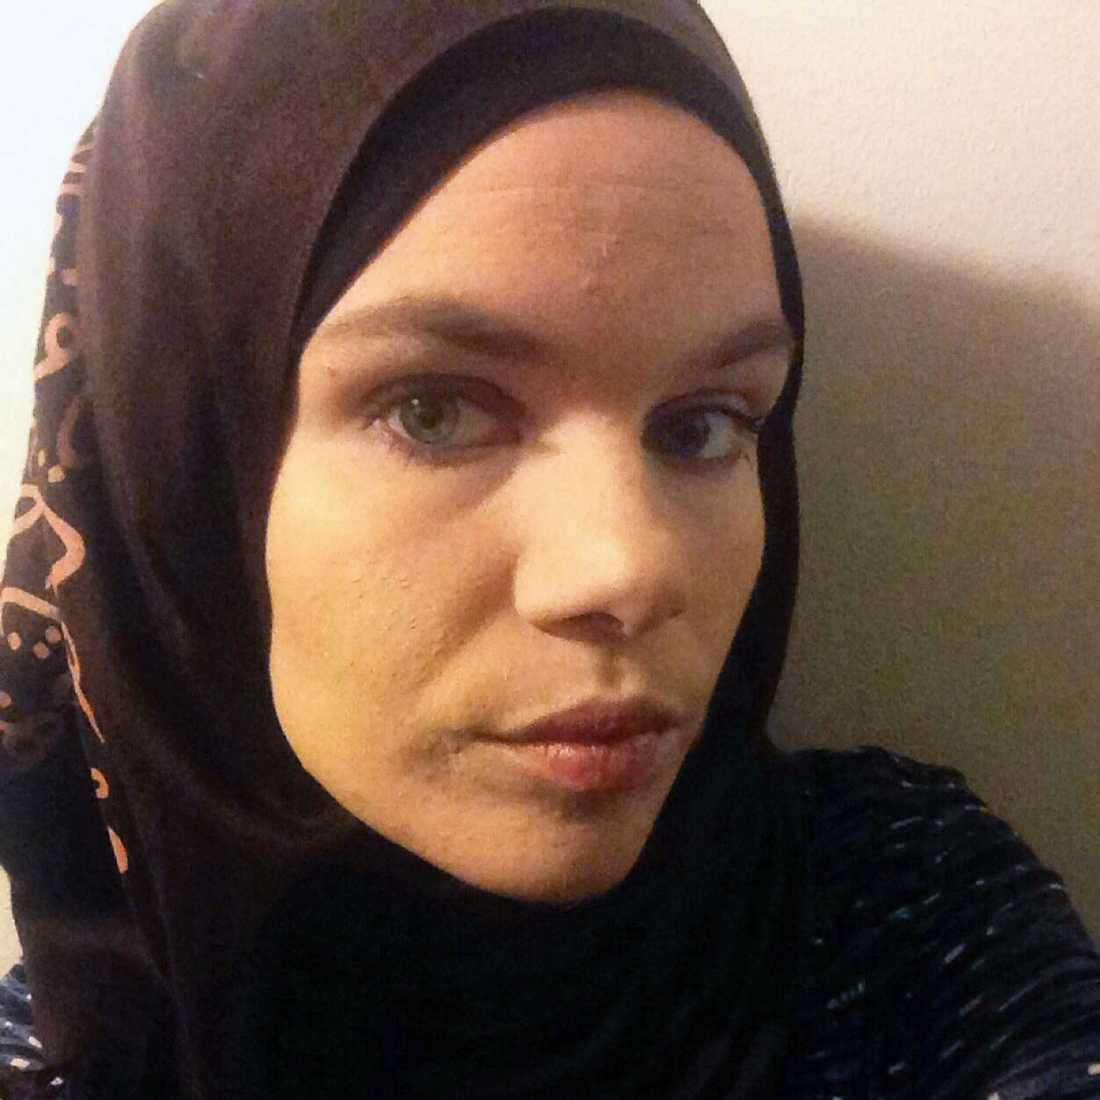 Carolina Farraj har blivit knuffad och spottad på gatan – för att hon är muslim.